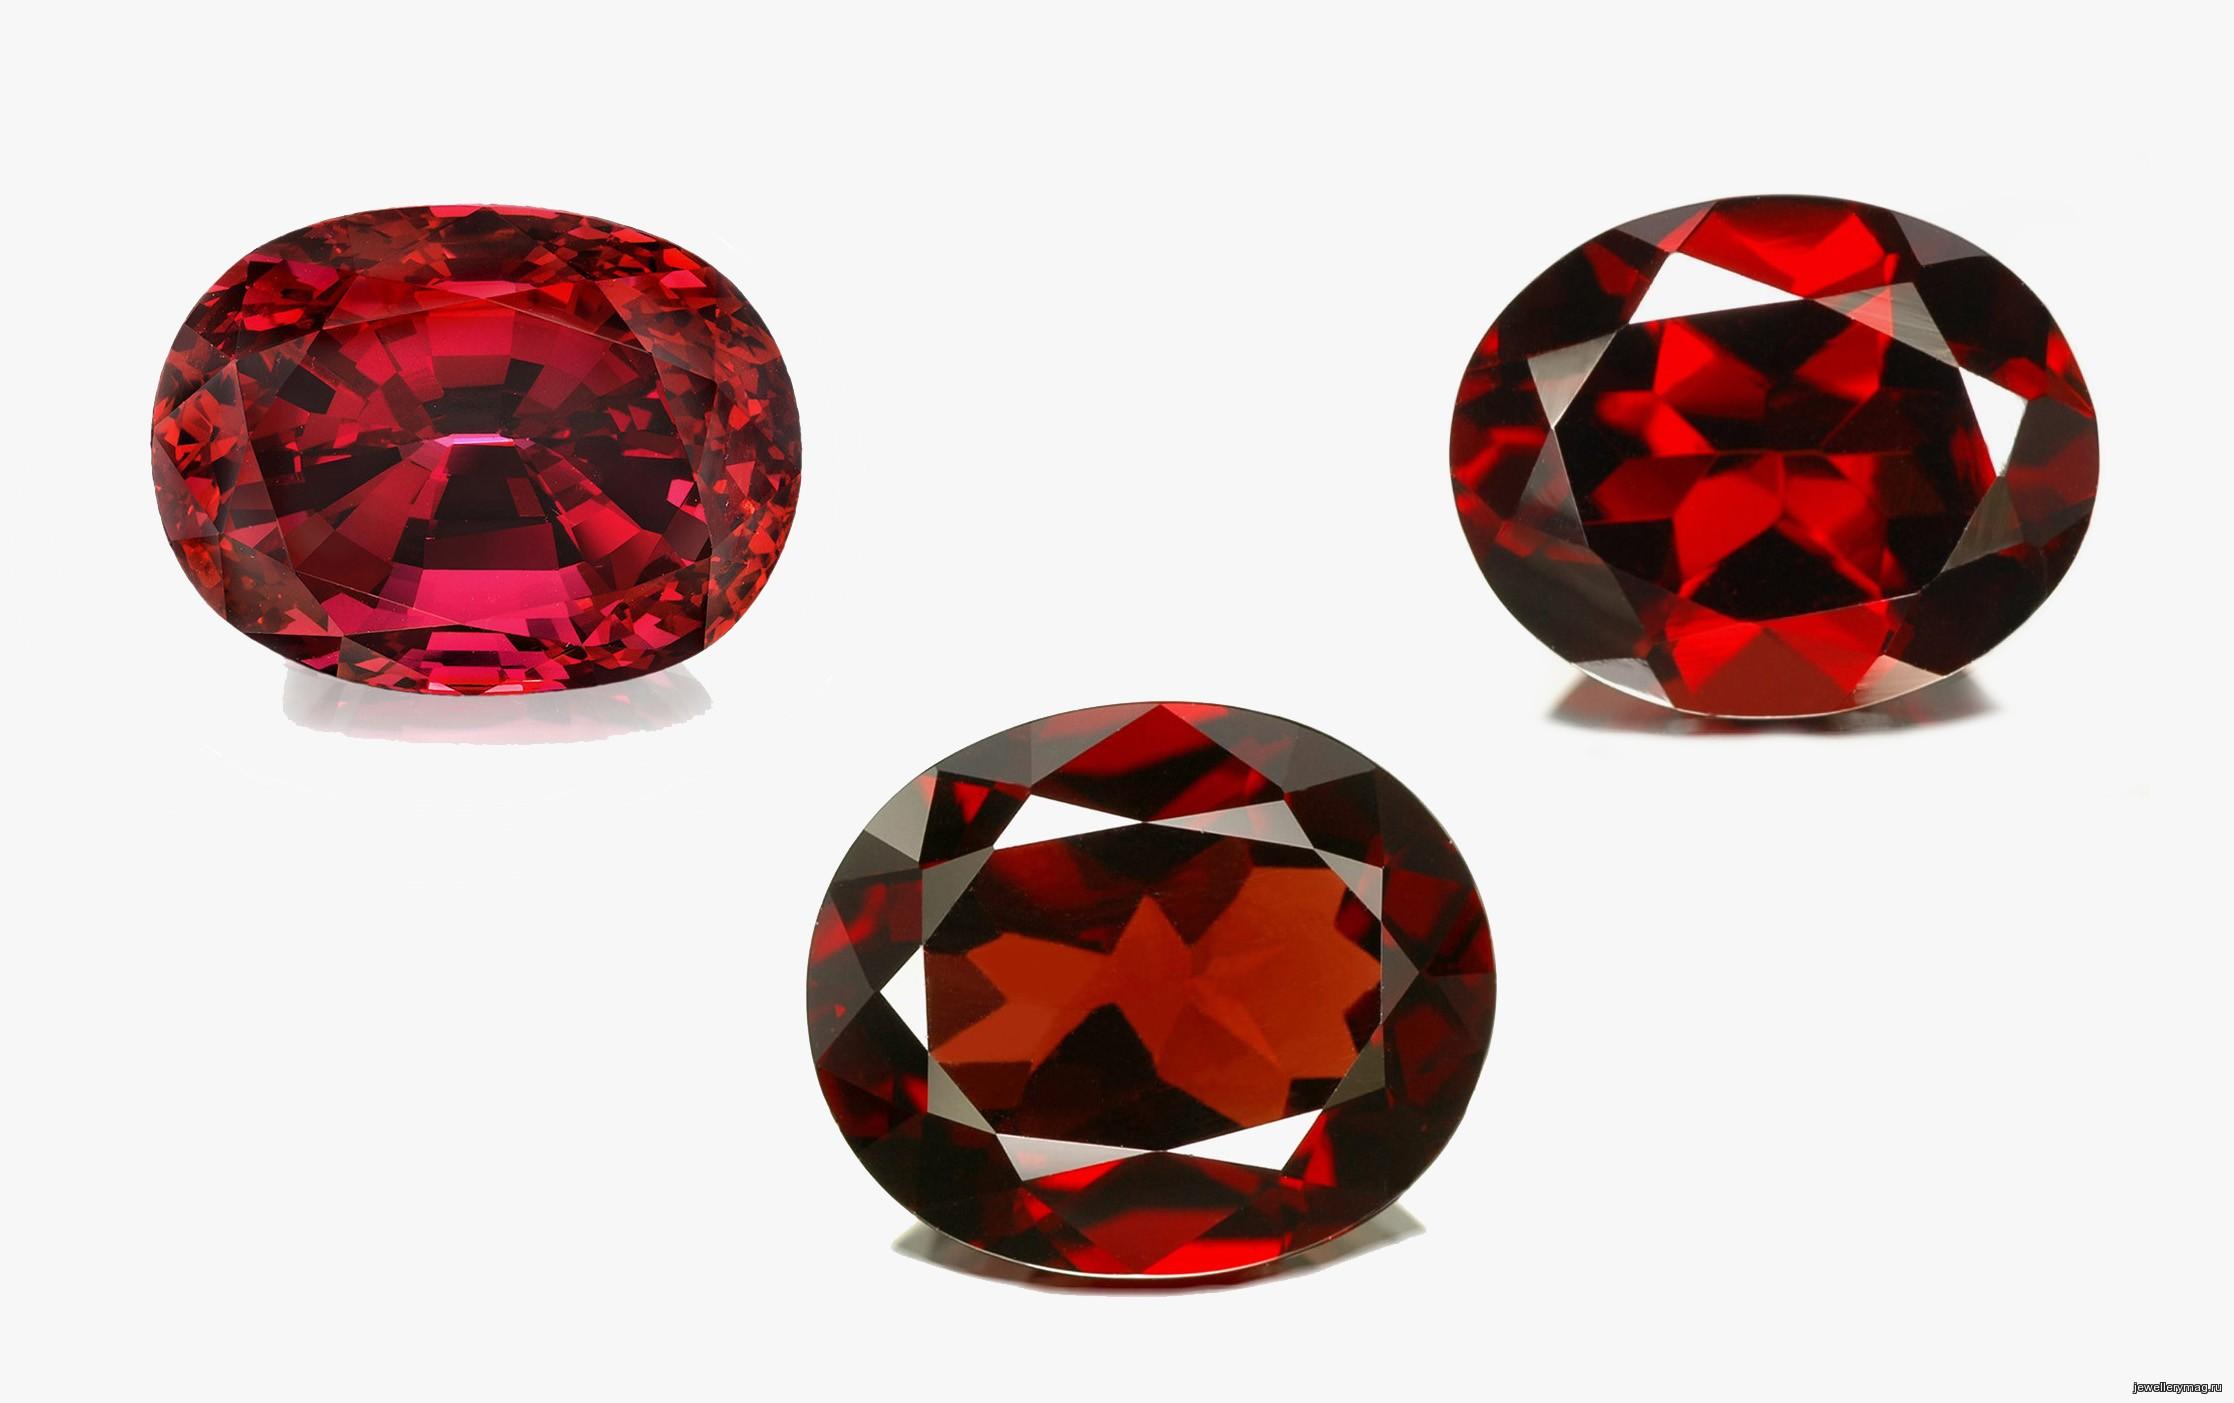 На фото: пироп - камень мерцает загадочным блеском, напоминающим блеск угольков.